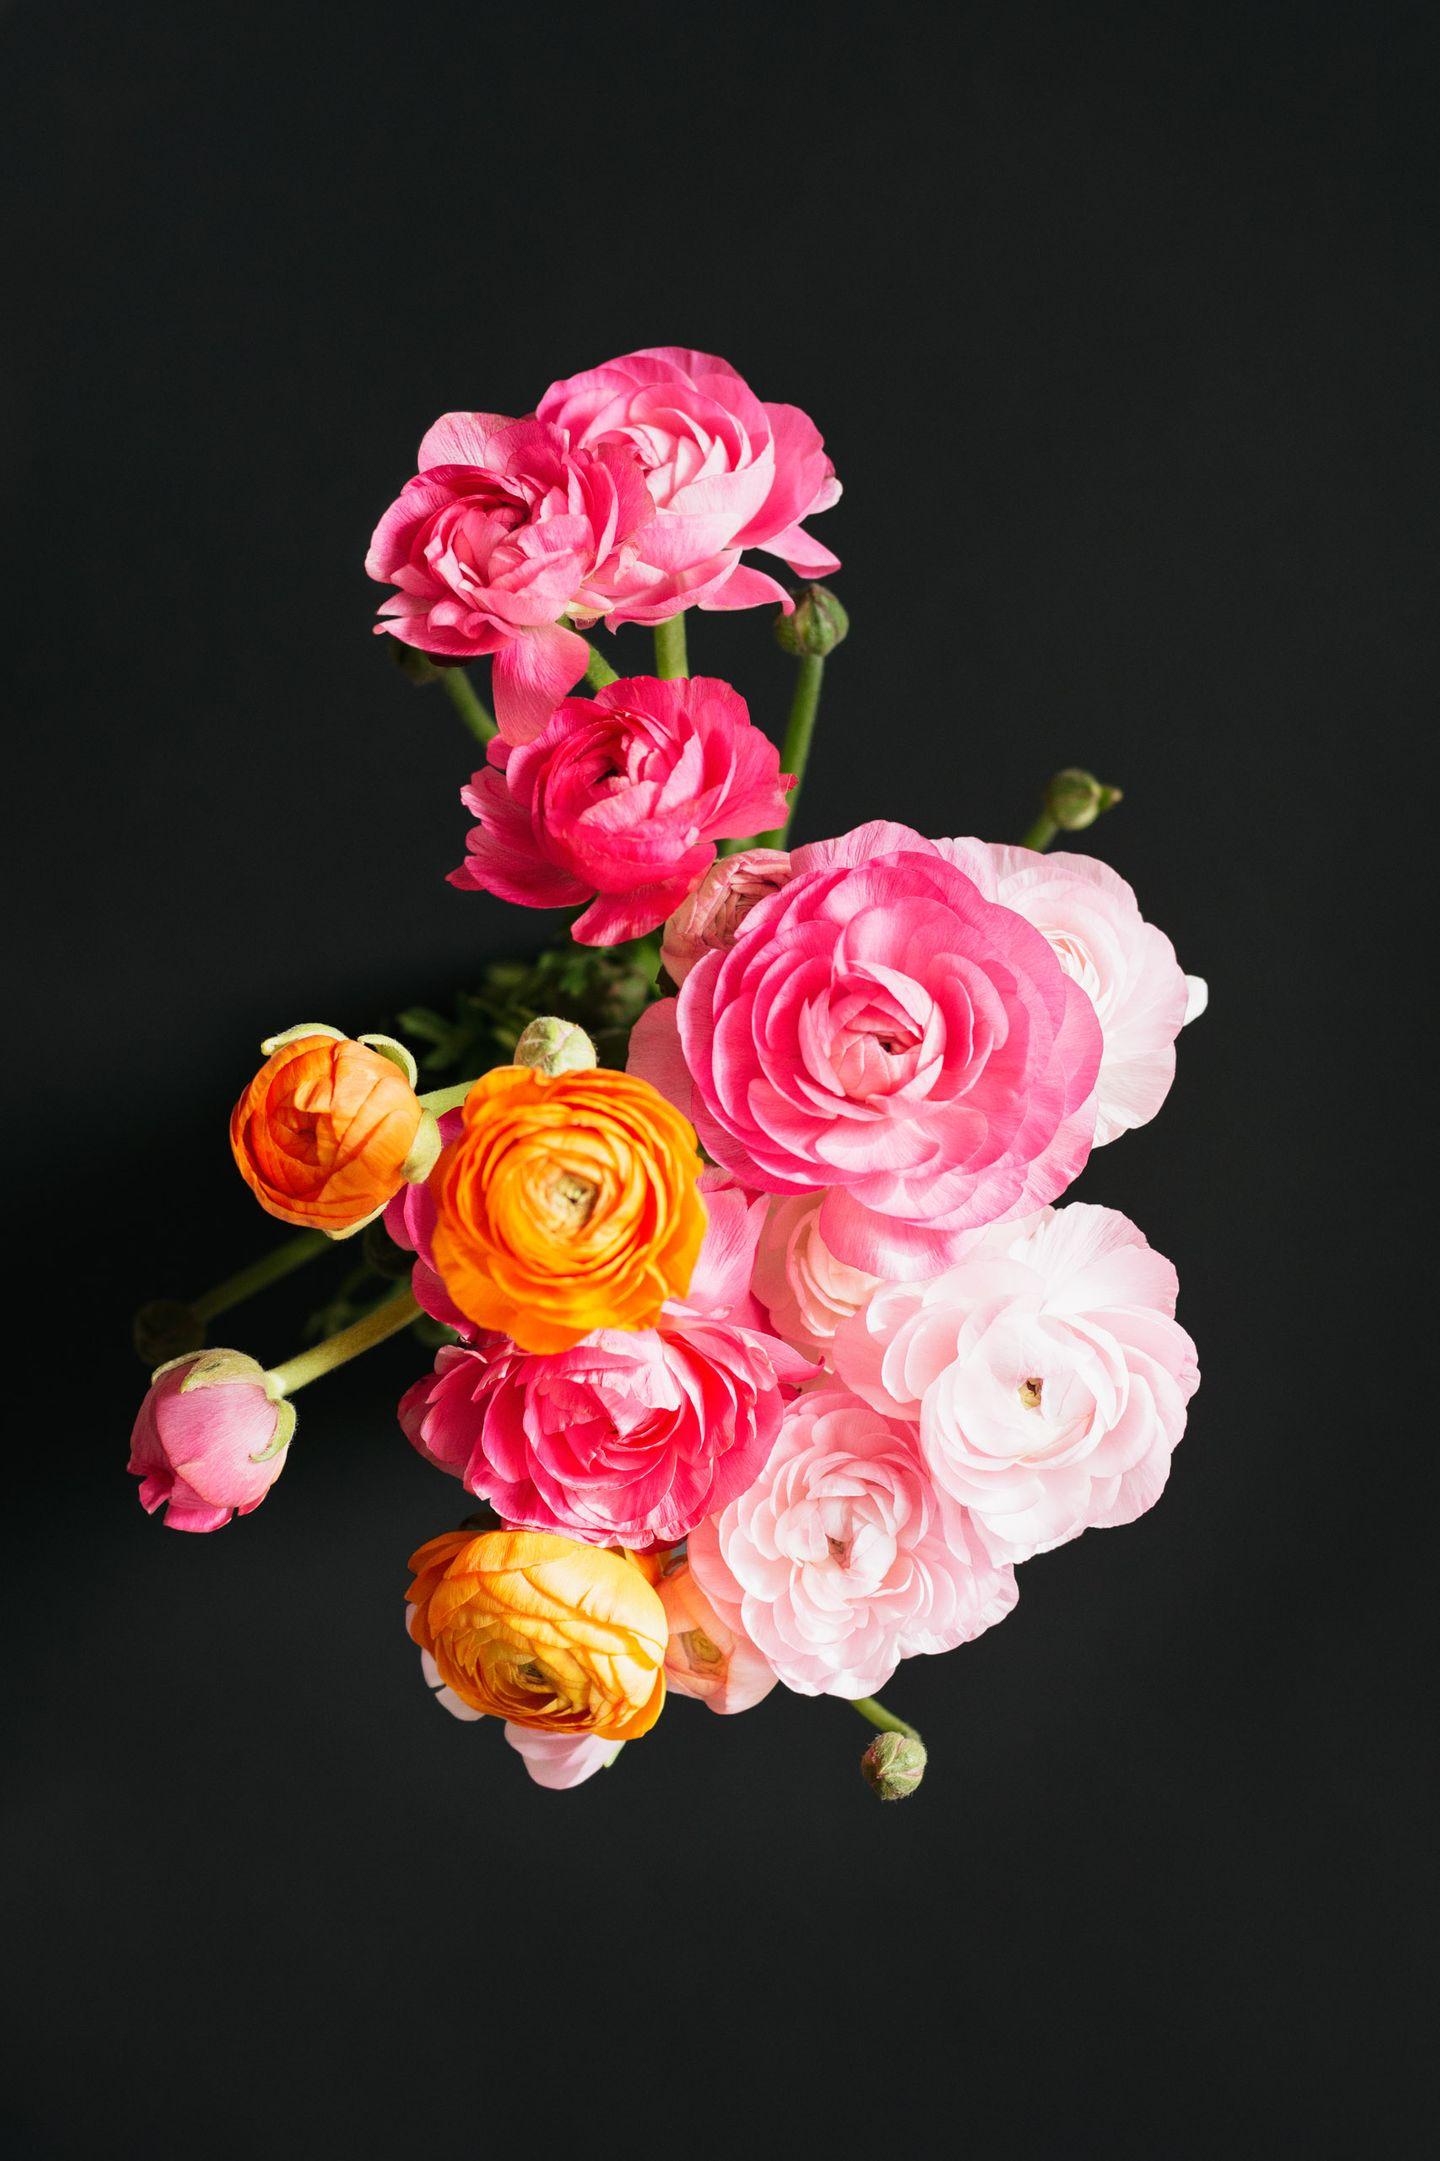 Ranunculus floral bouquet